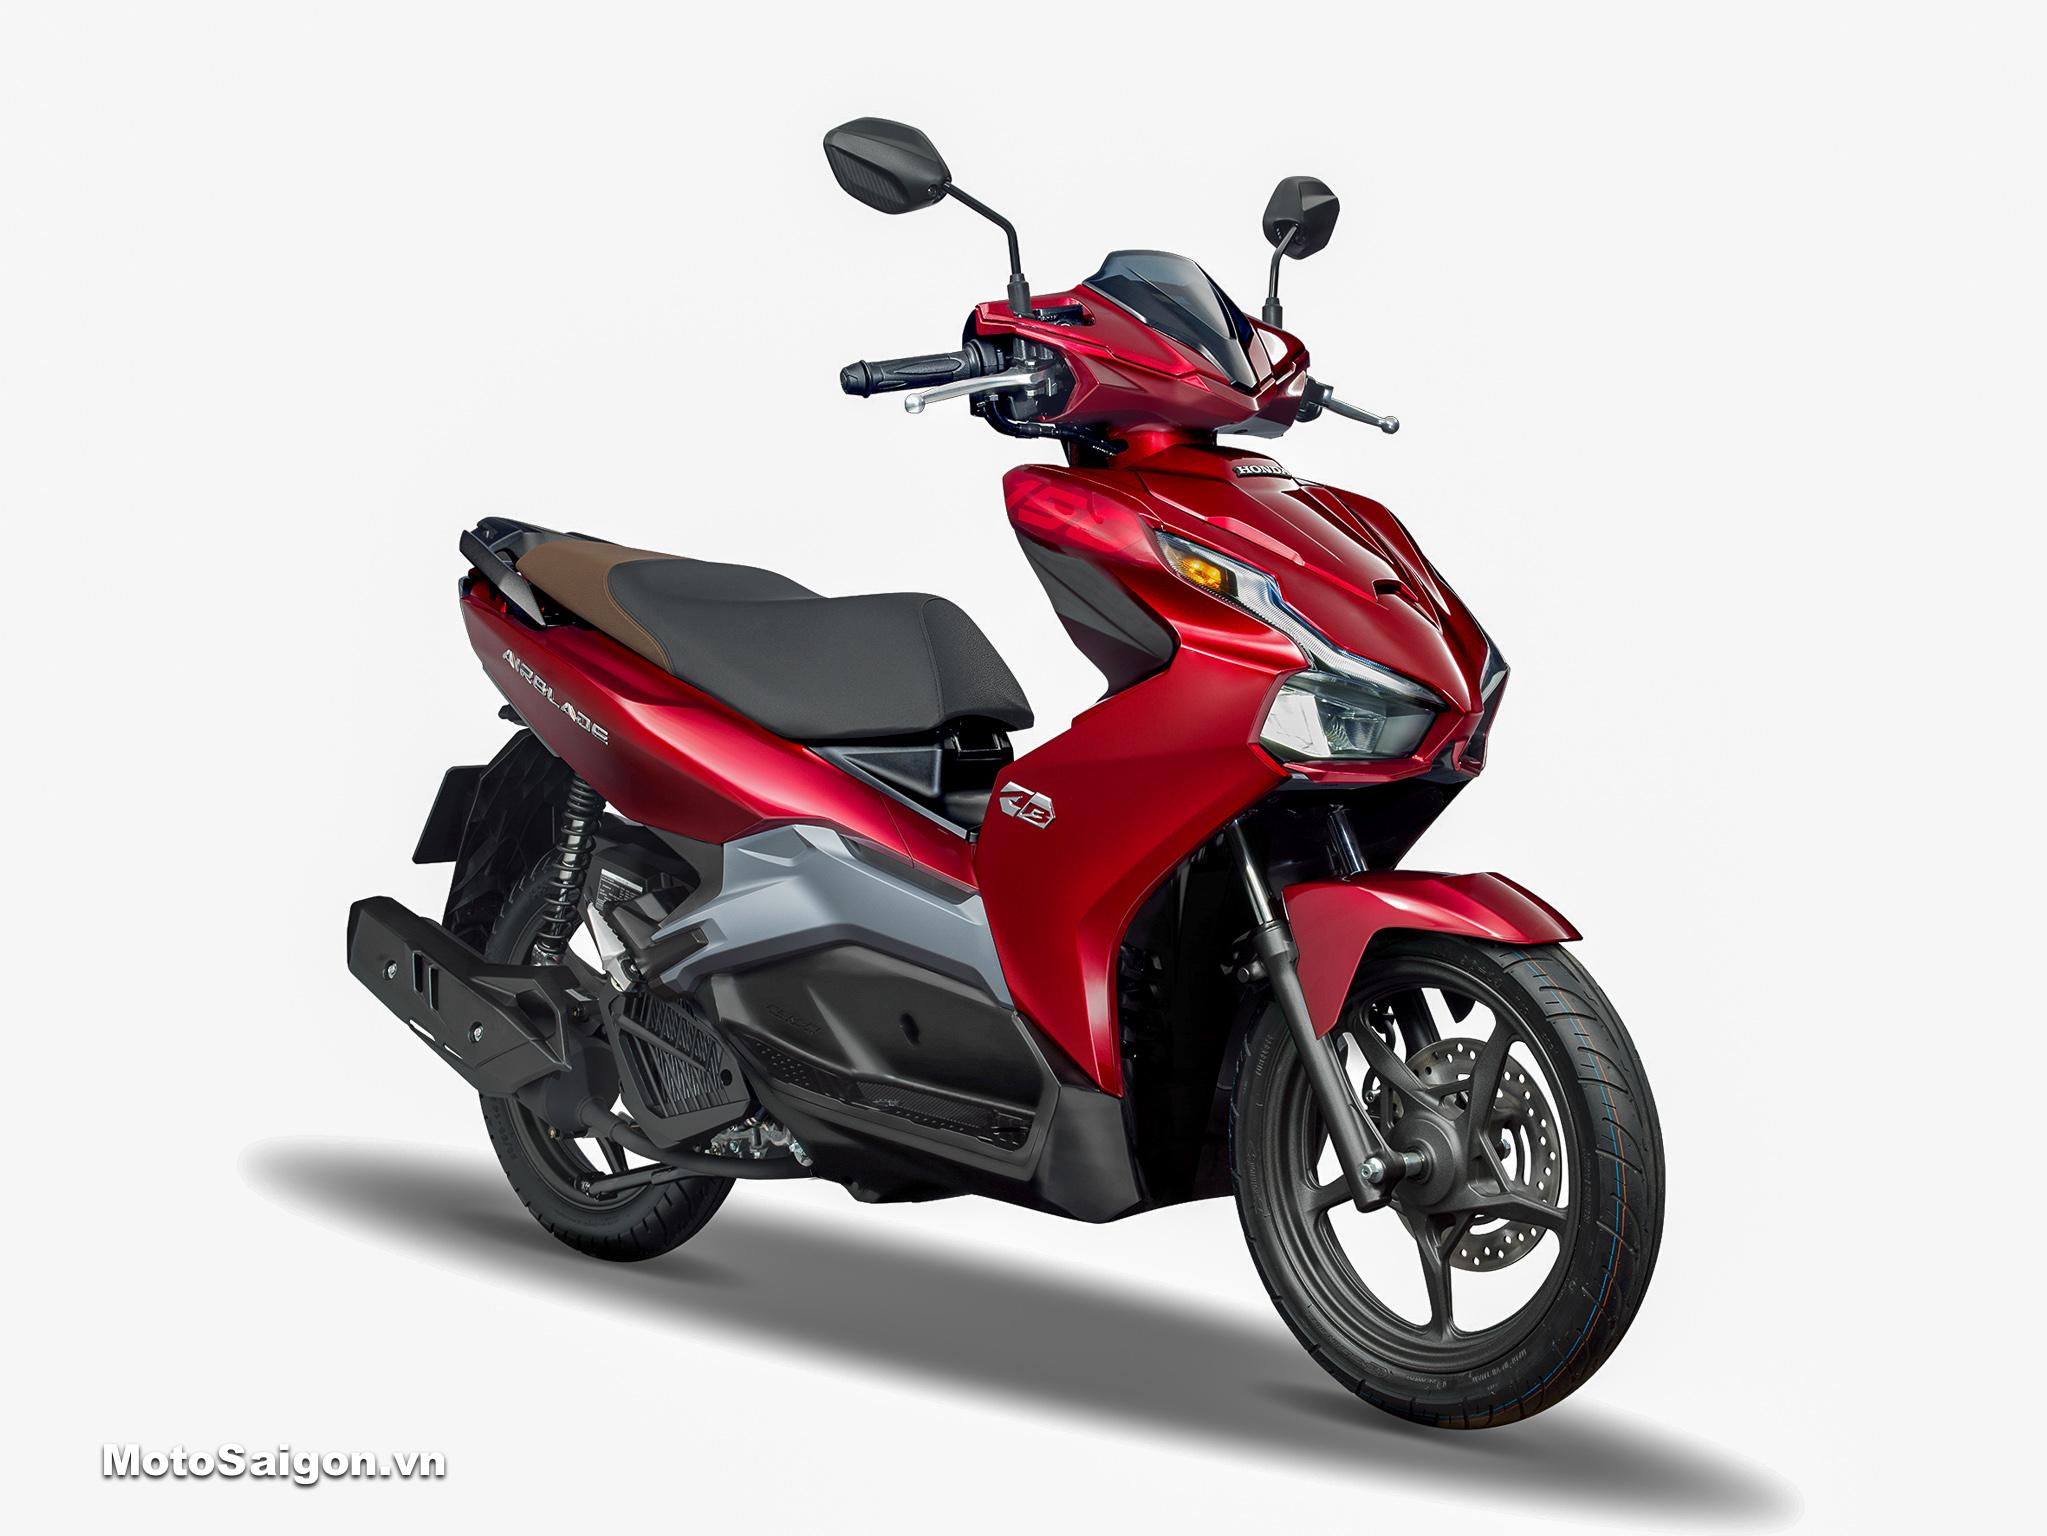 Honda Air Blade 150 ABS tiêu chuẩn màu đỏ bạc 2020